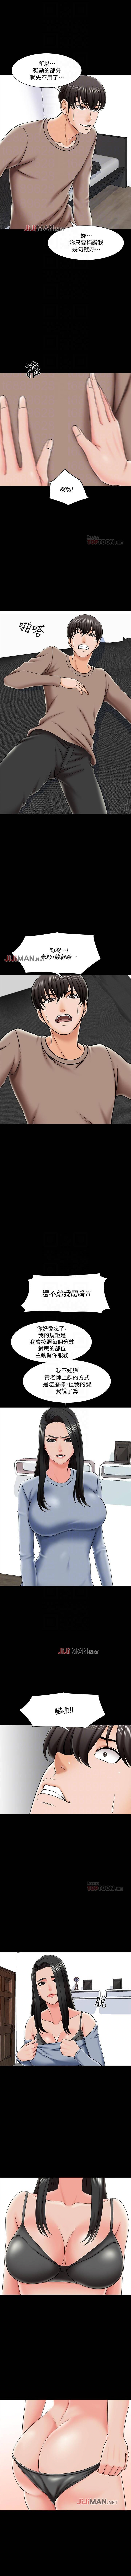 【周一连载】家教老师(作者: CreamMedia) 第1~44话 151